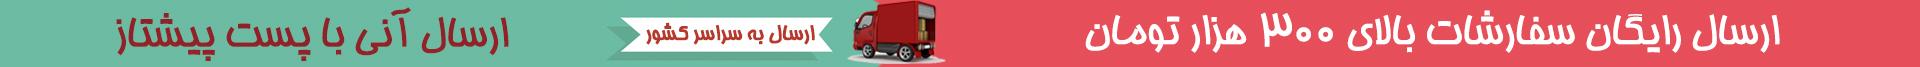 آلفاکیت – فروشگاه تخصصی الکترونیک